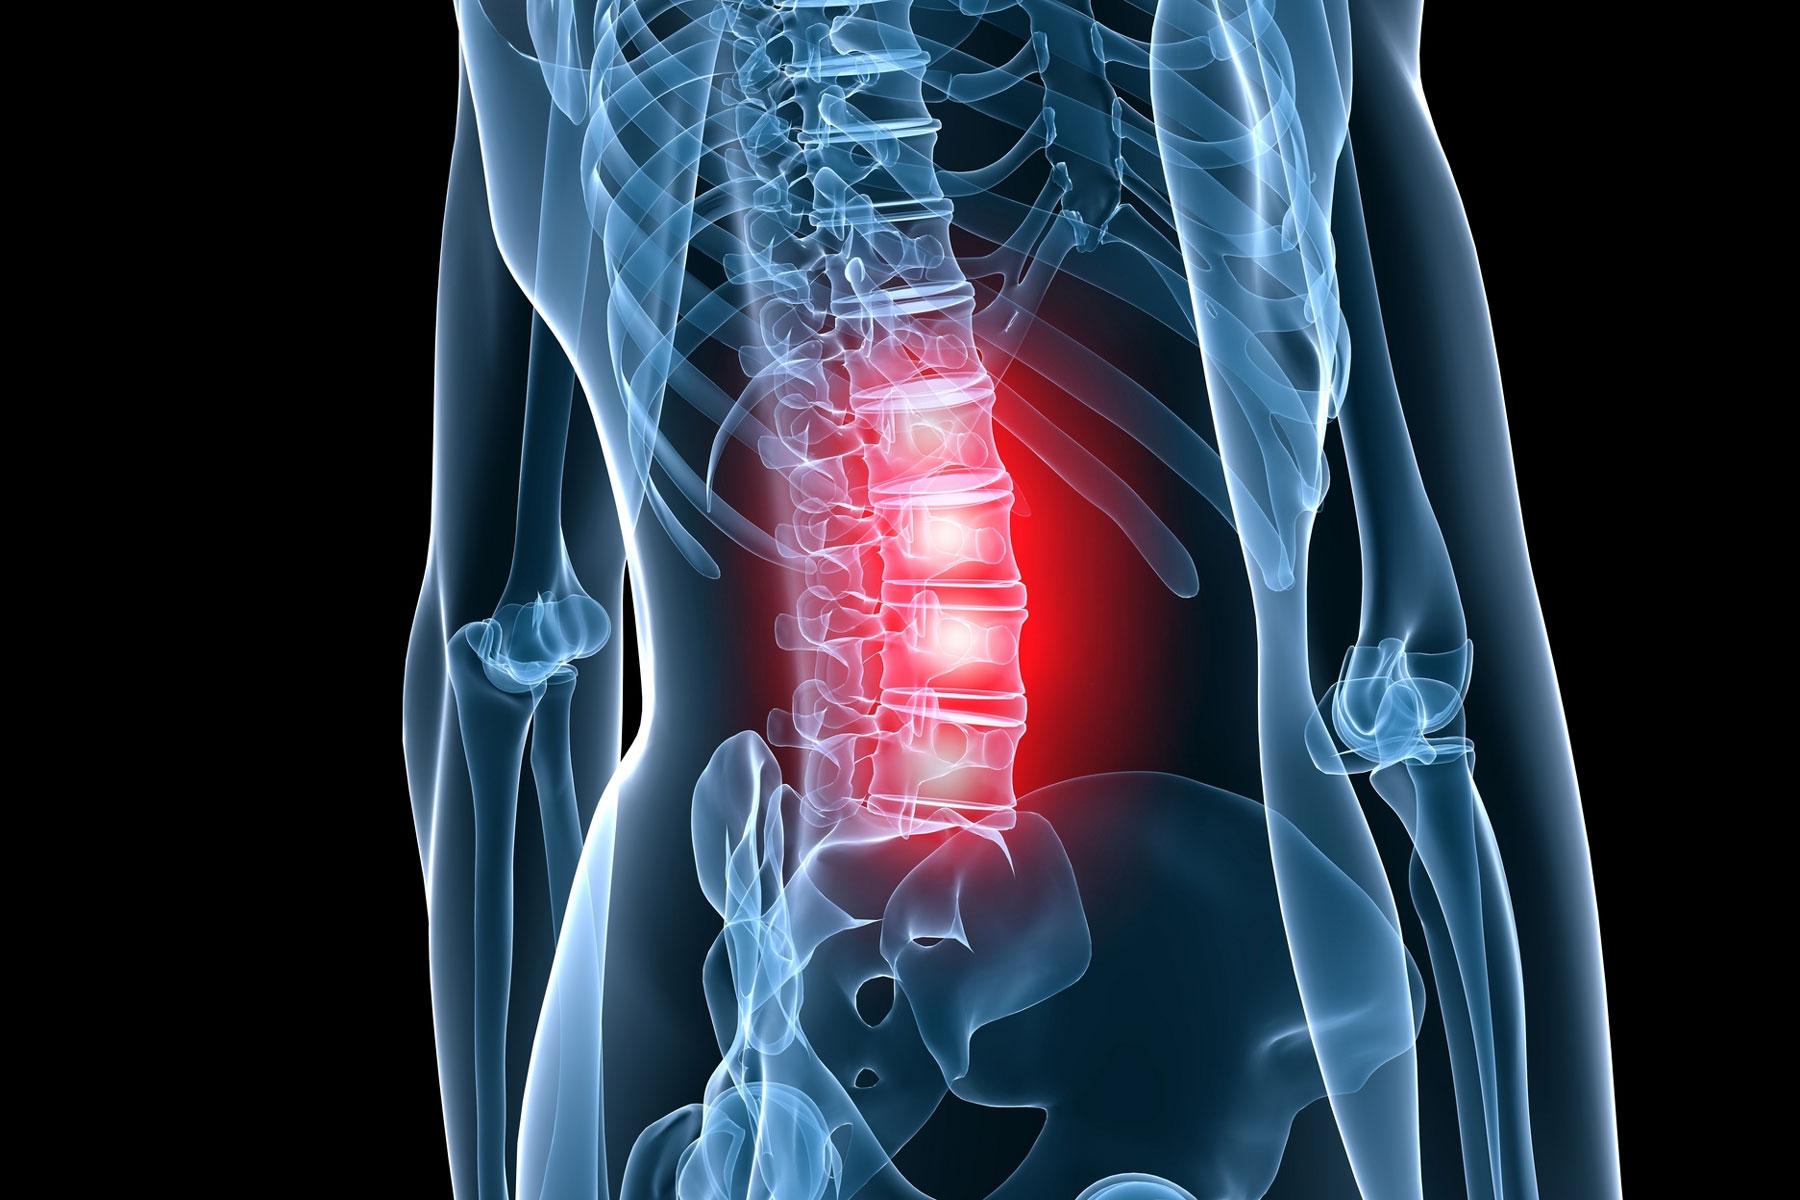 Хондроз поясничного отдела позвоночника — симптомы, лечение